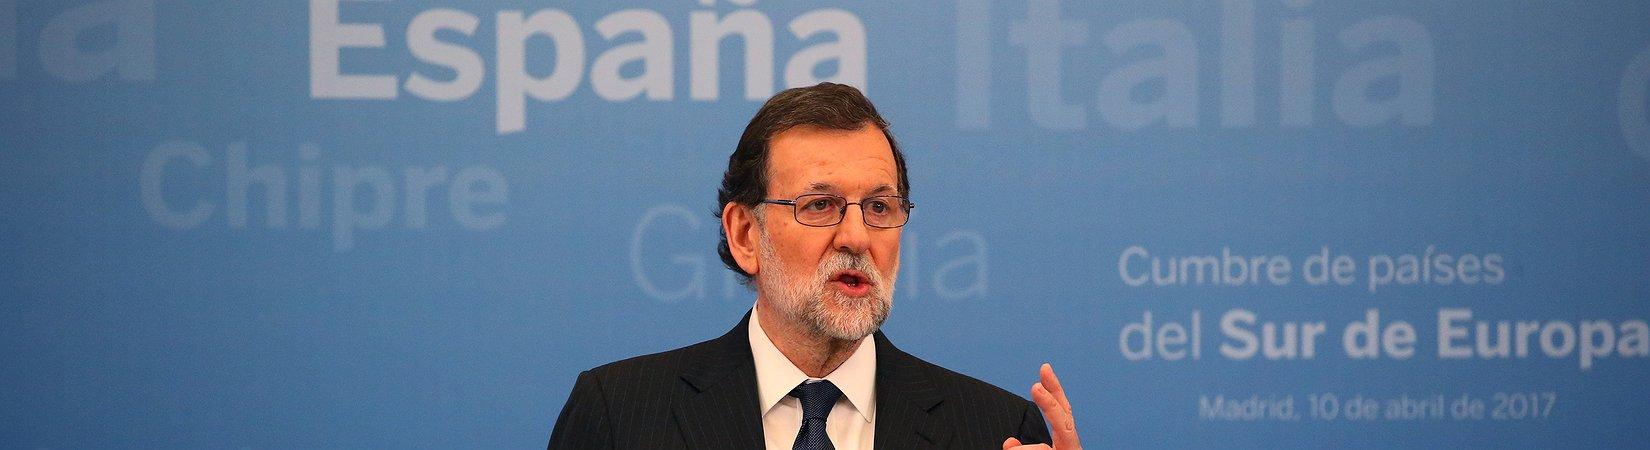 Rajoy mantiene su apoyo a los ministros relacionados con casos de corrupción